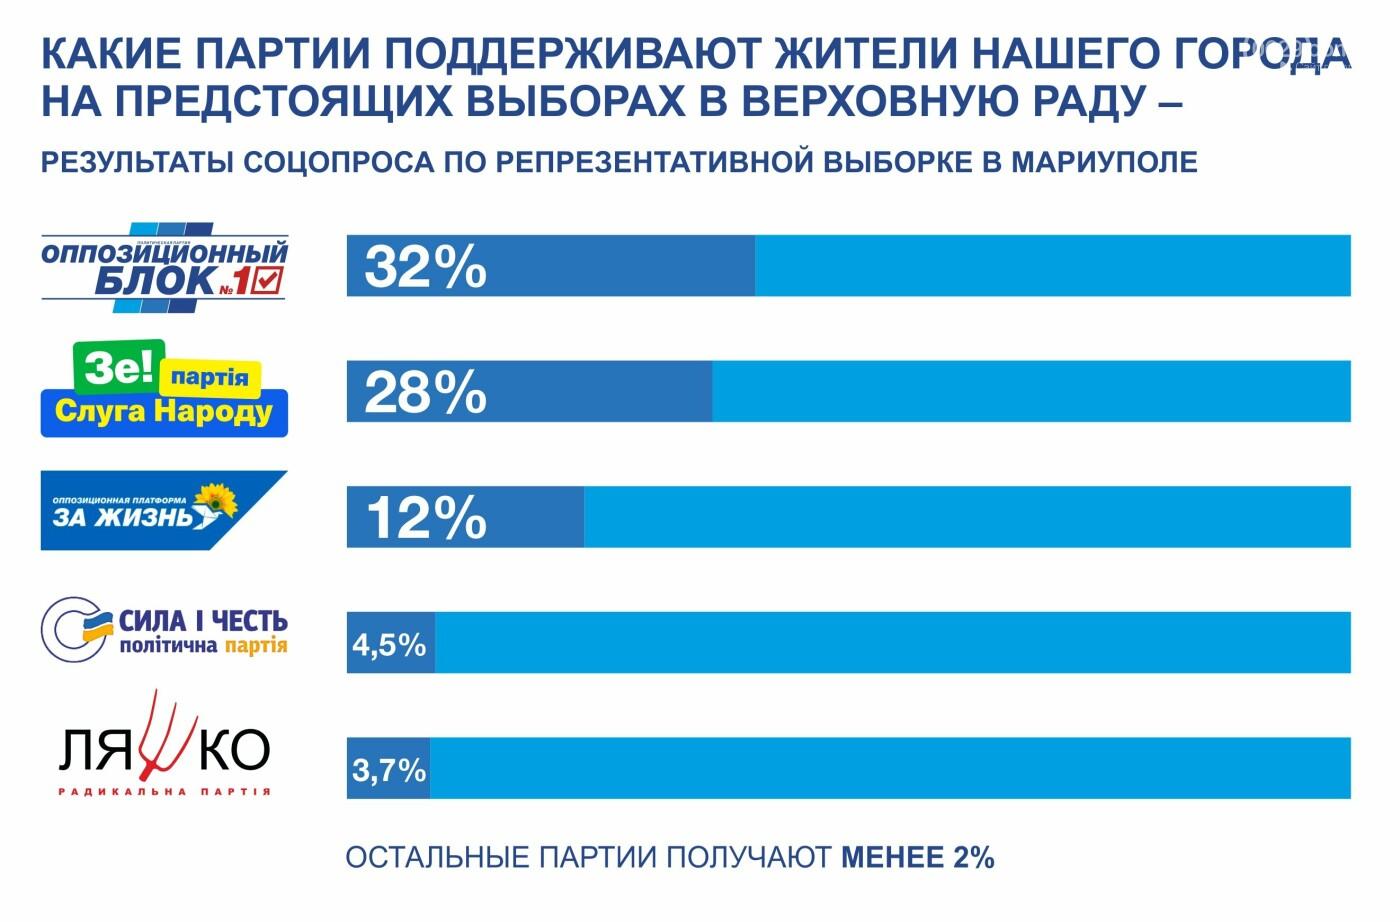 Исследование электоральных настроений жителей Мариуполя накануне внеочередных парламентских выборов 2019 года было проведено с 1 по 7 июля 2019 года Фондом «Украинская политика». В ходе исследования были опрошены 2497 респондентов (погрешность в пределах +/- 2,5%).